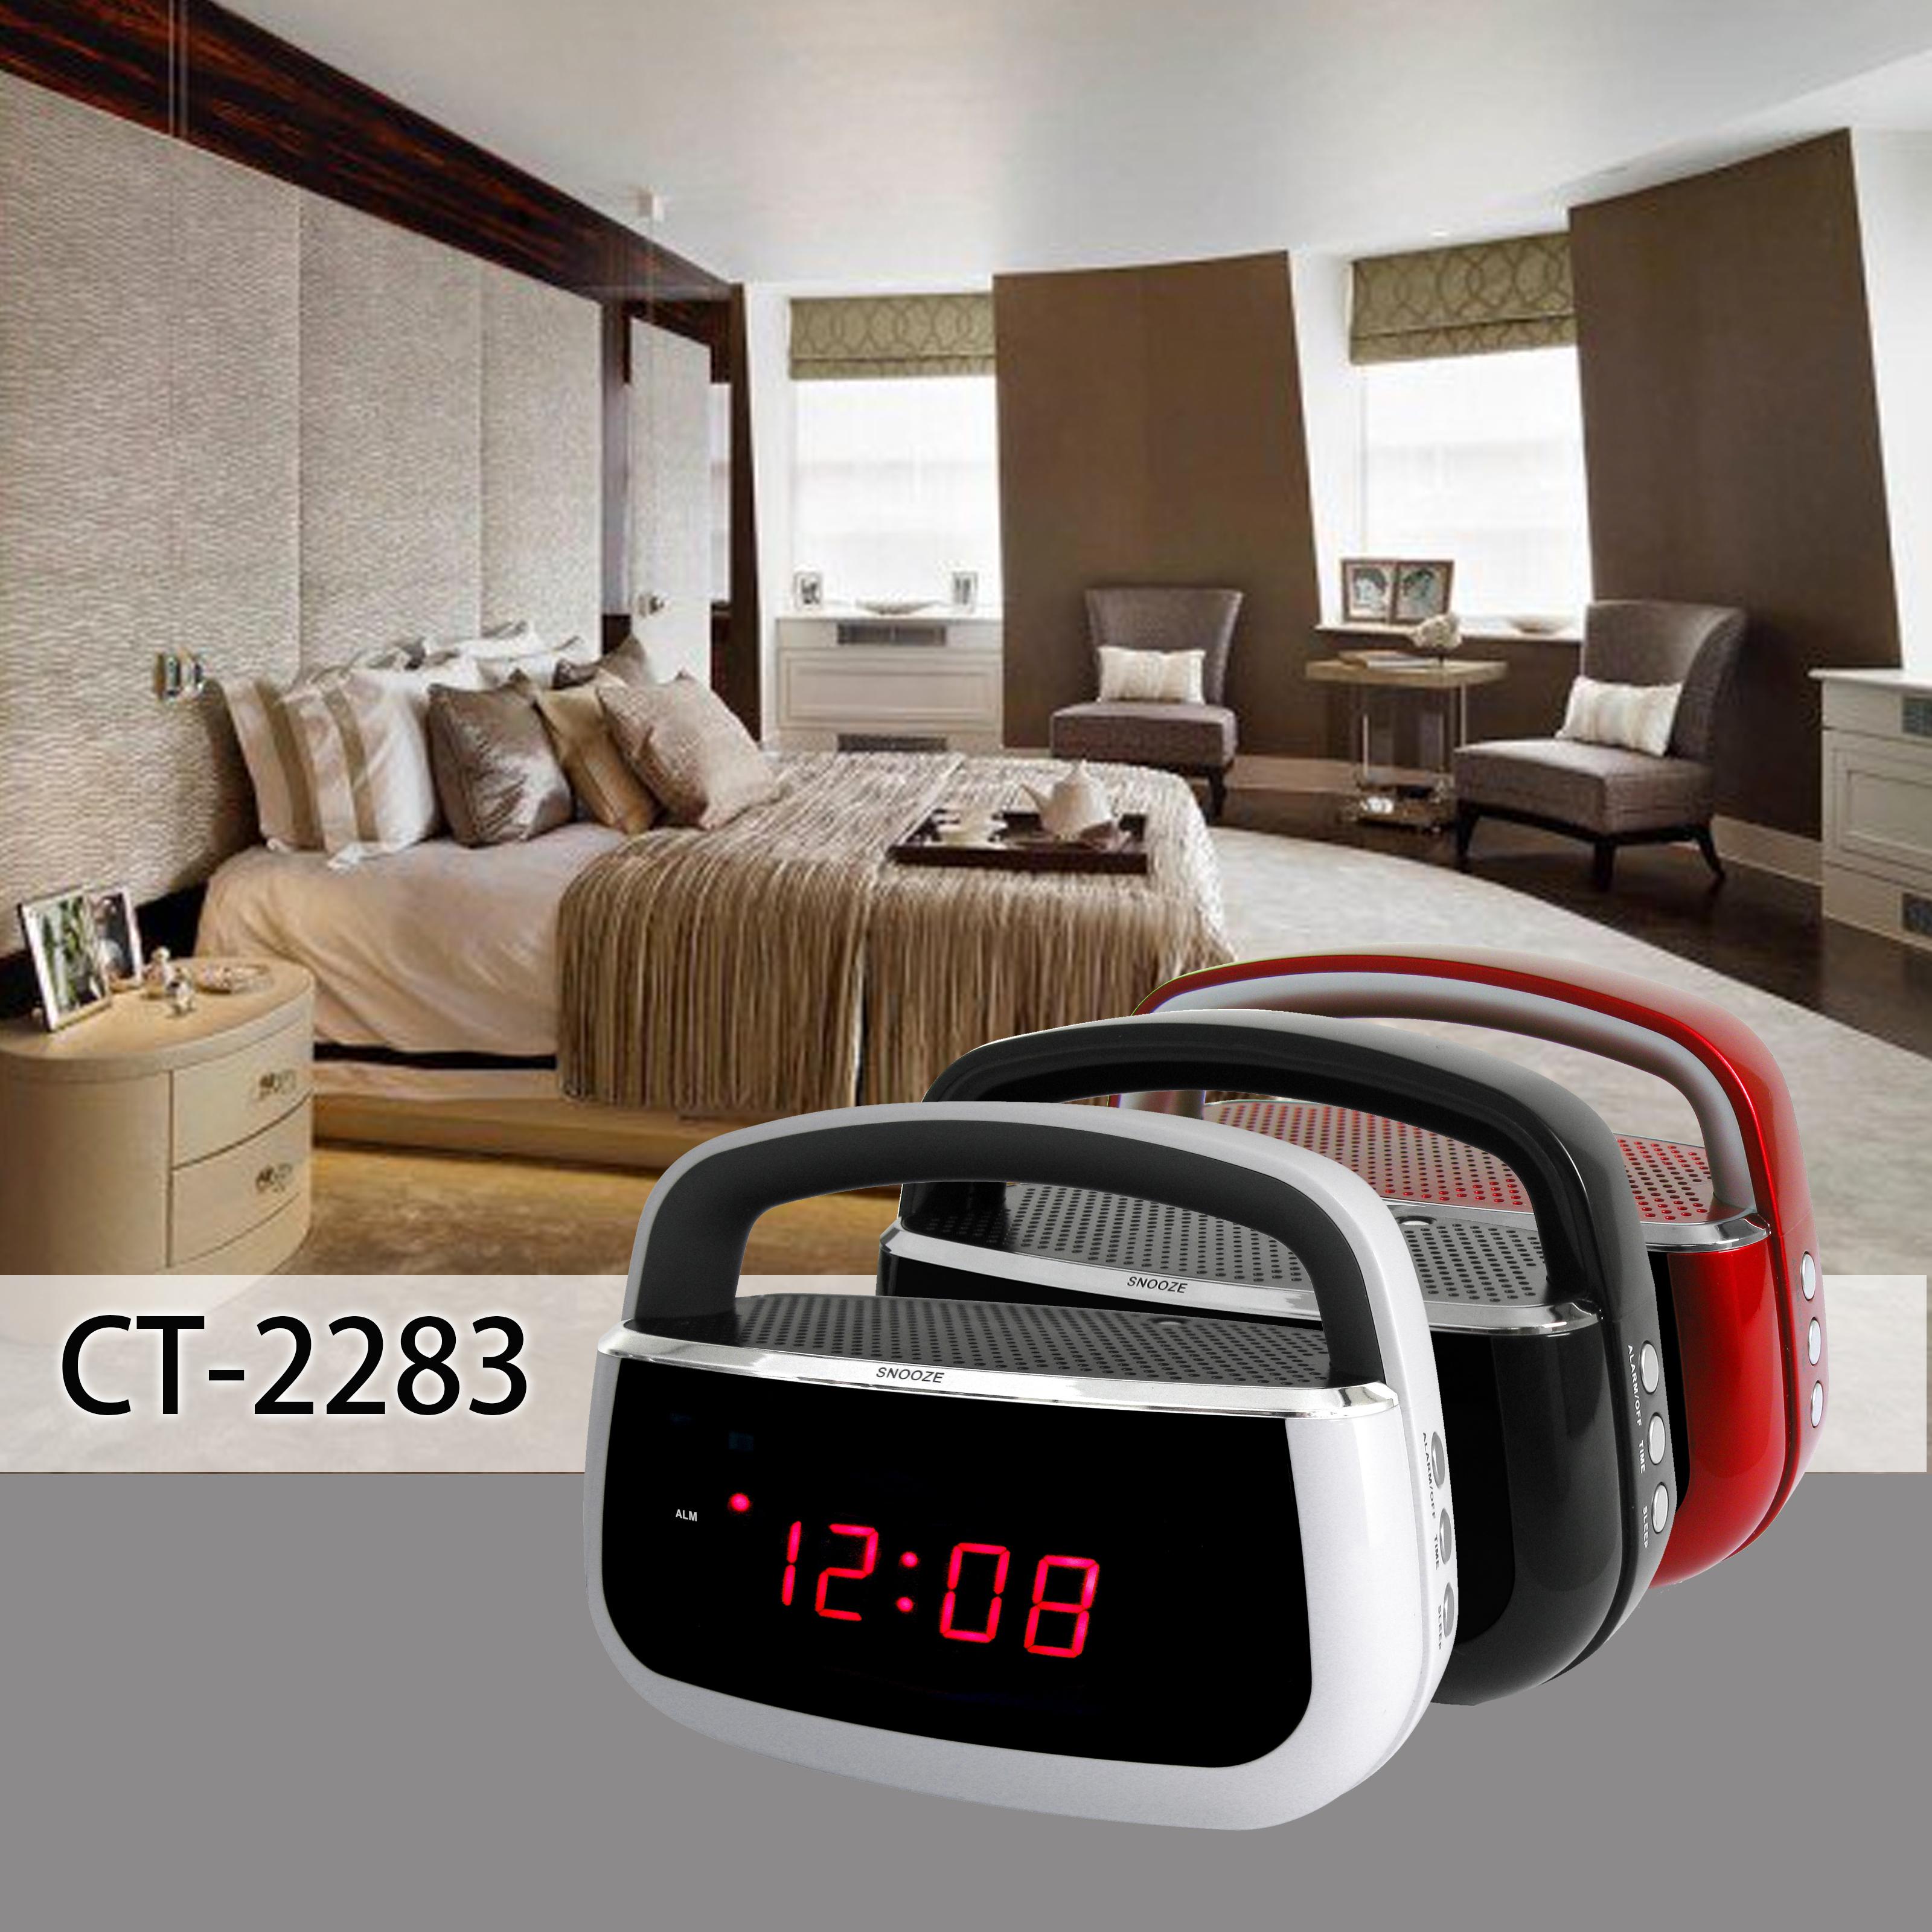 CT-2283 bedroom.jpg